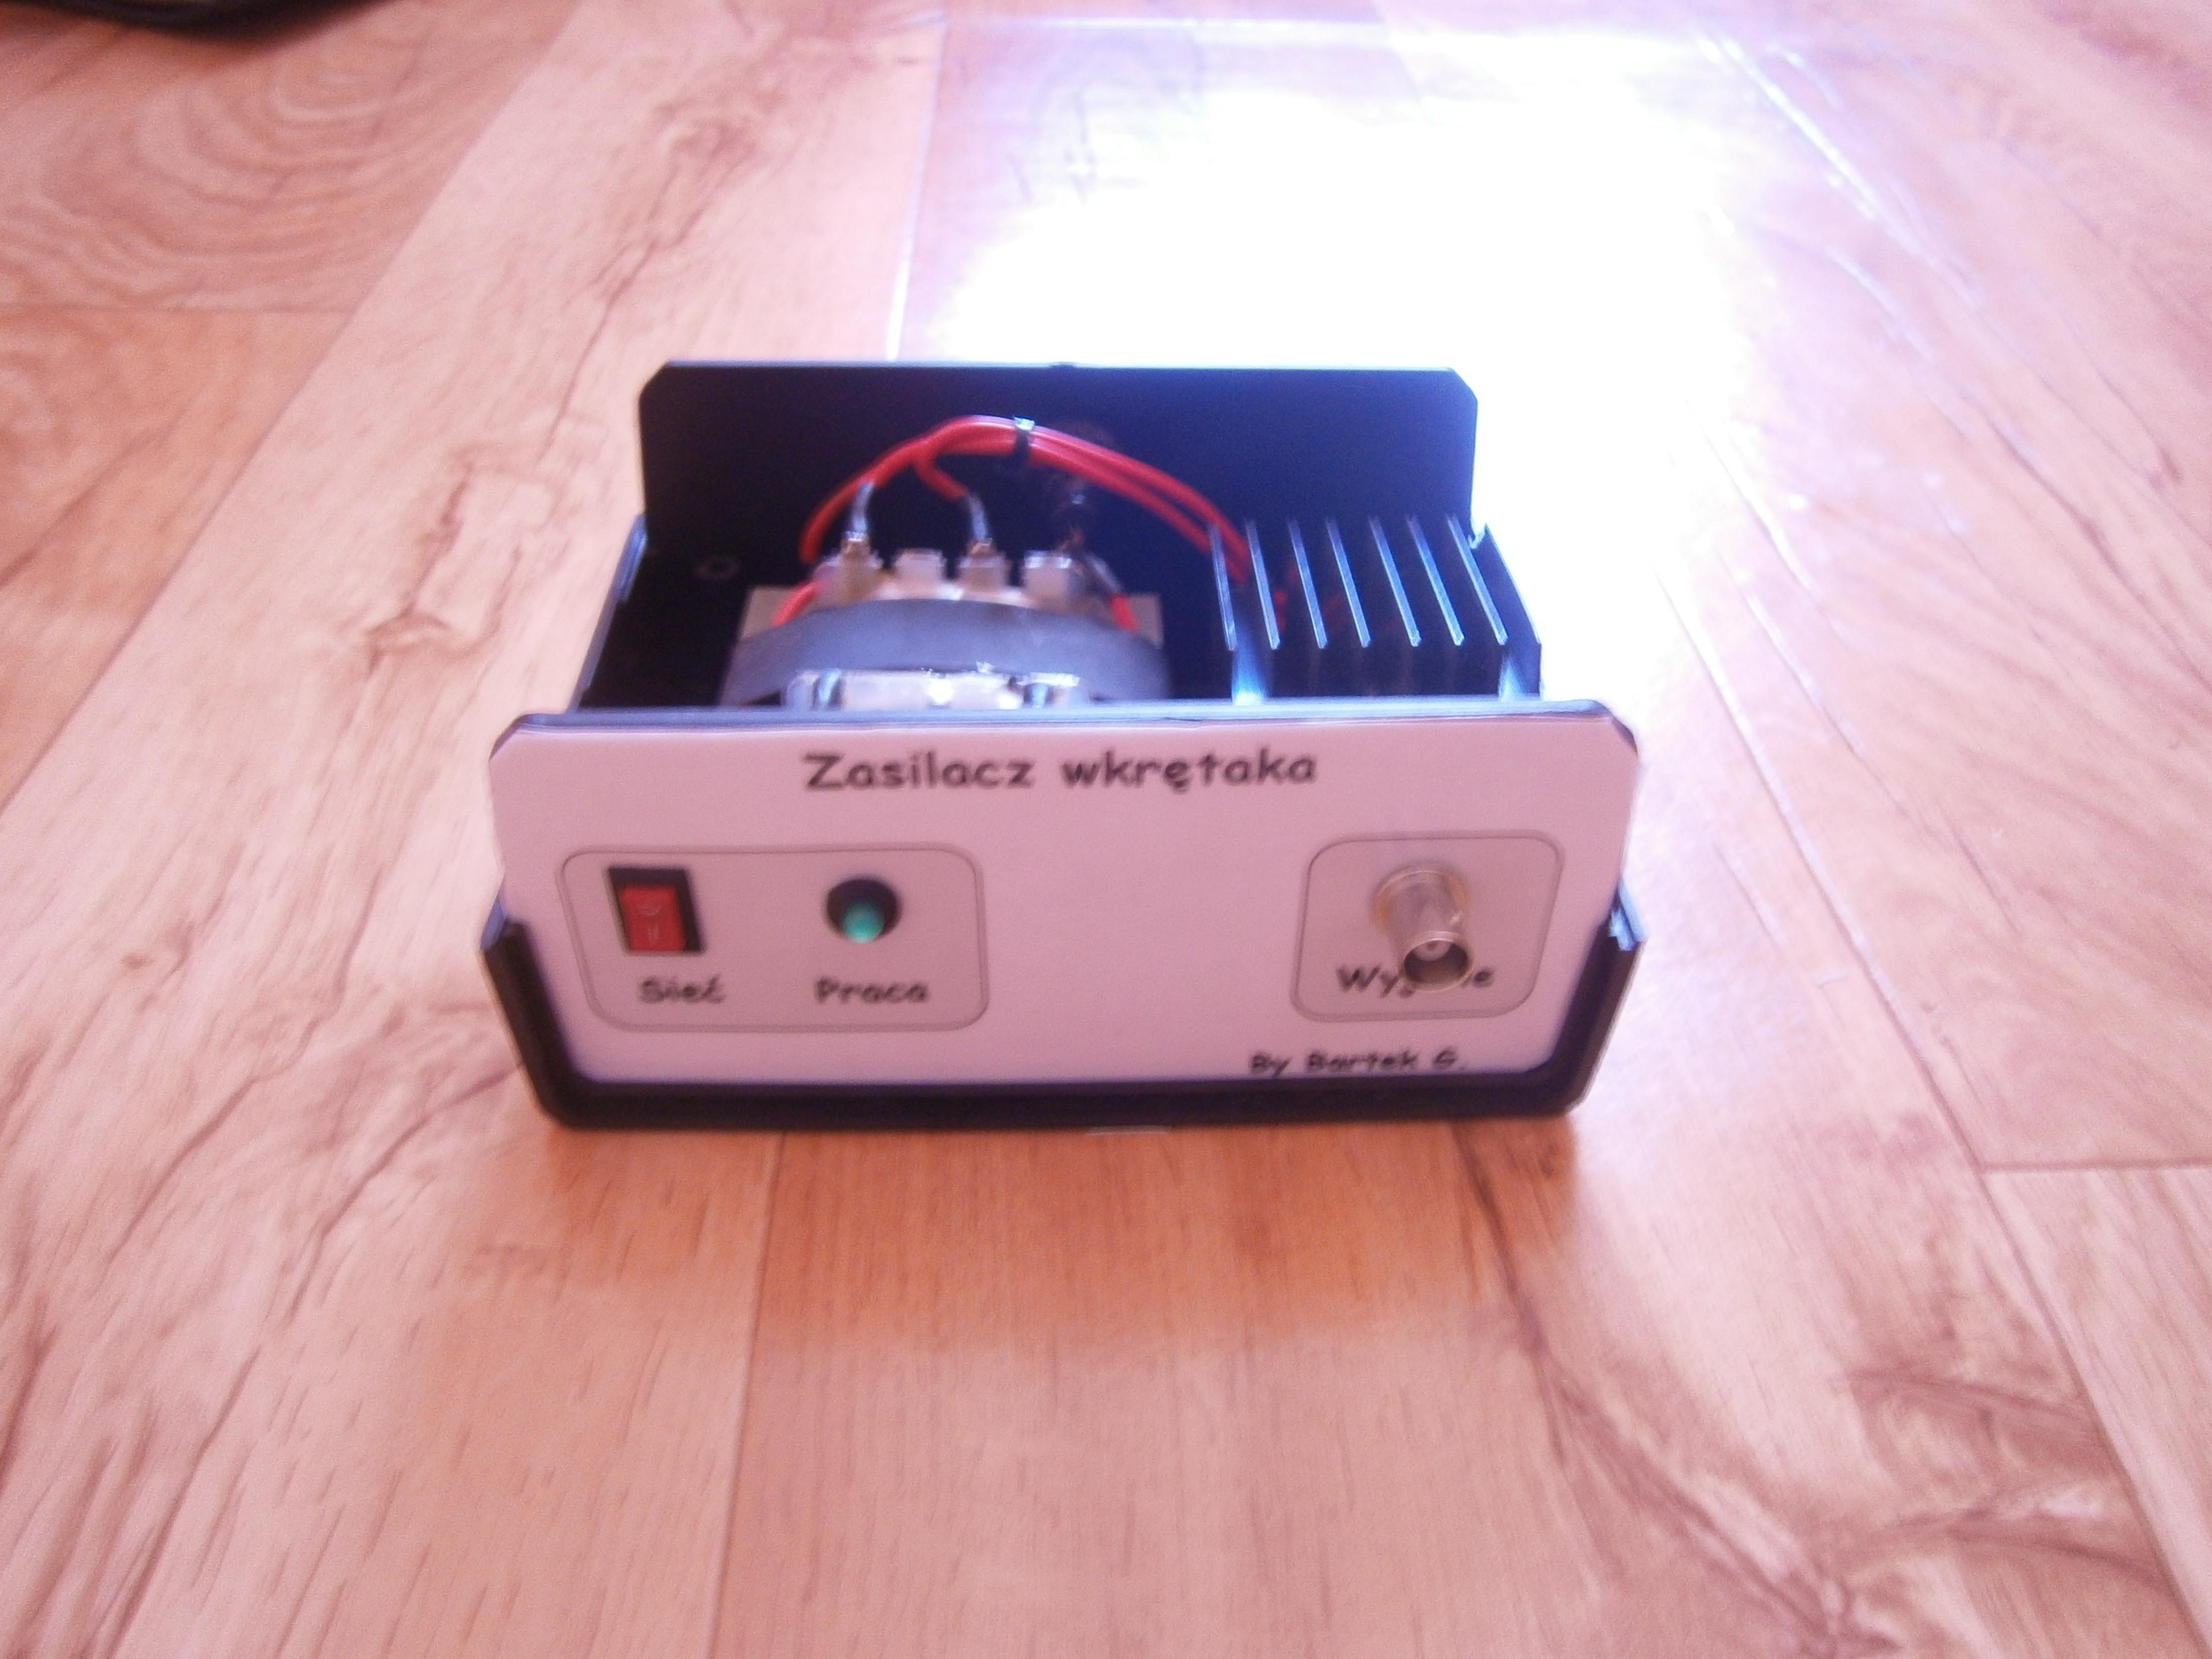 Zasilacz do wkr�taka akumulatorowego, czyli jego drugie �ycie.